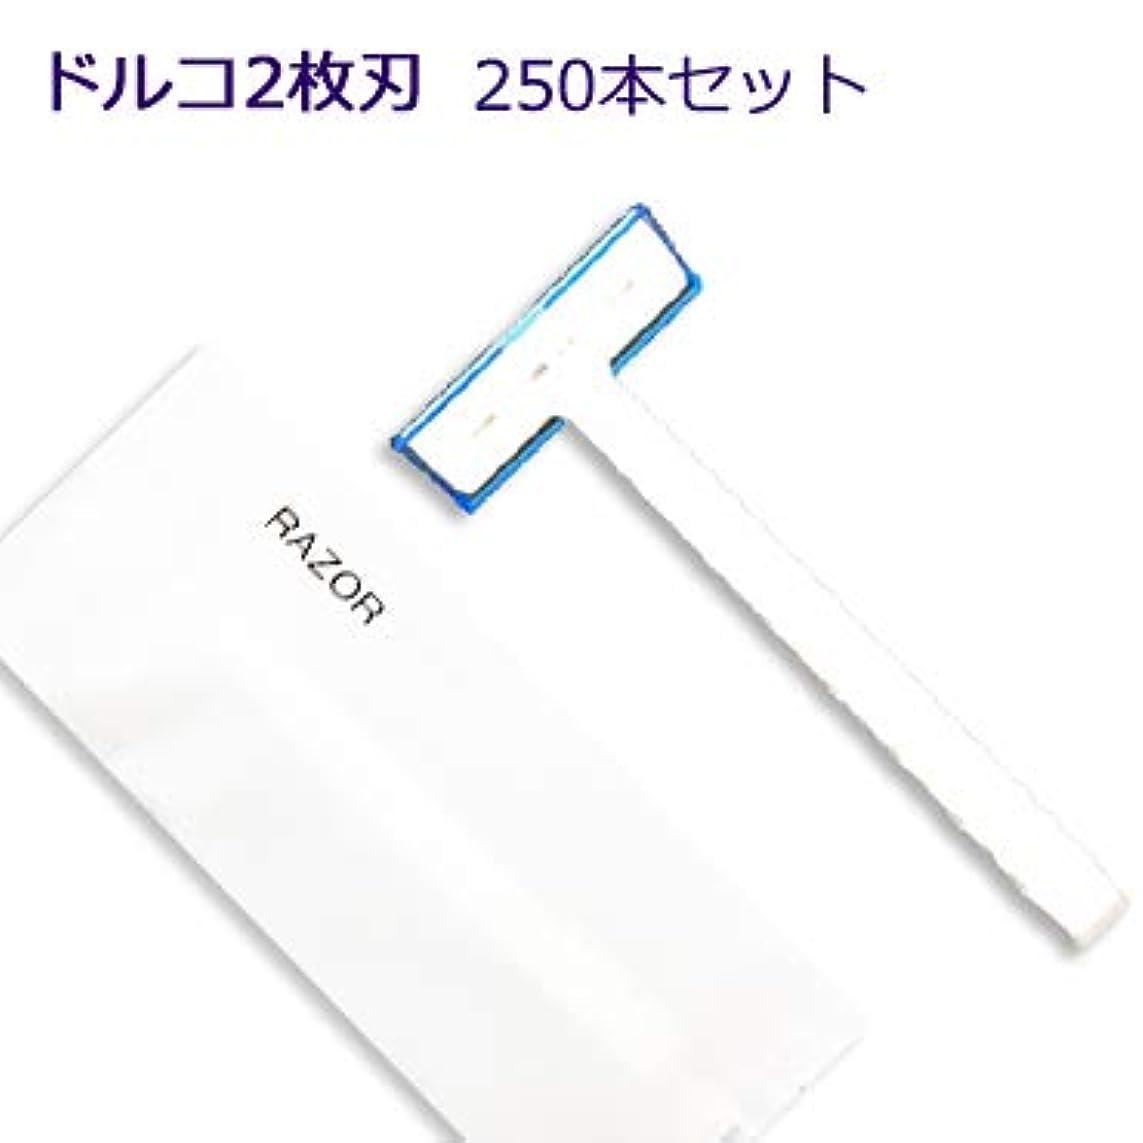 オフェンスしなやかな失速ホテル業務用 カミソリ マットシリーズ ドルコ 2枚刃 (1セット250個入)